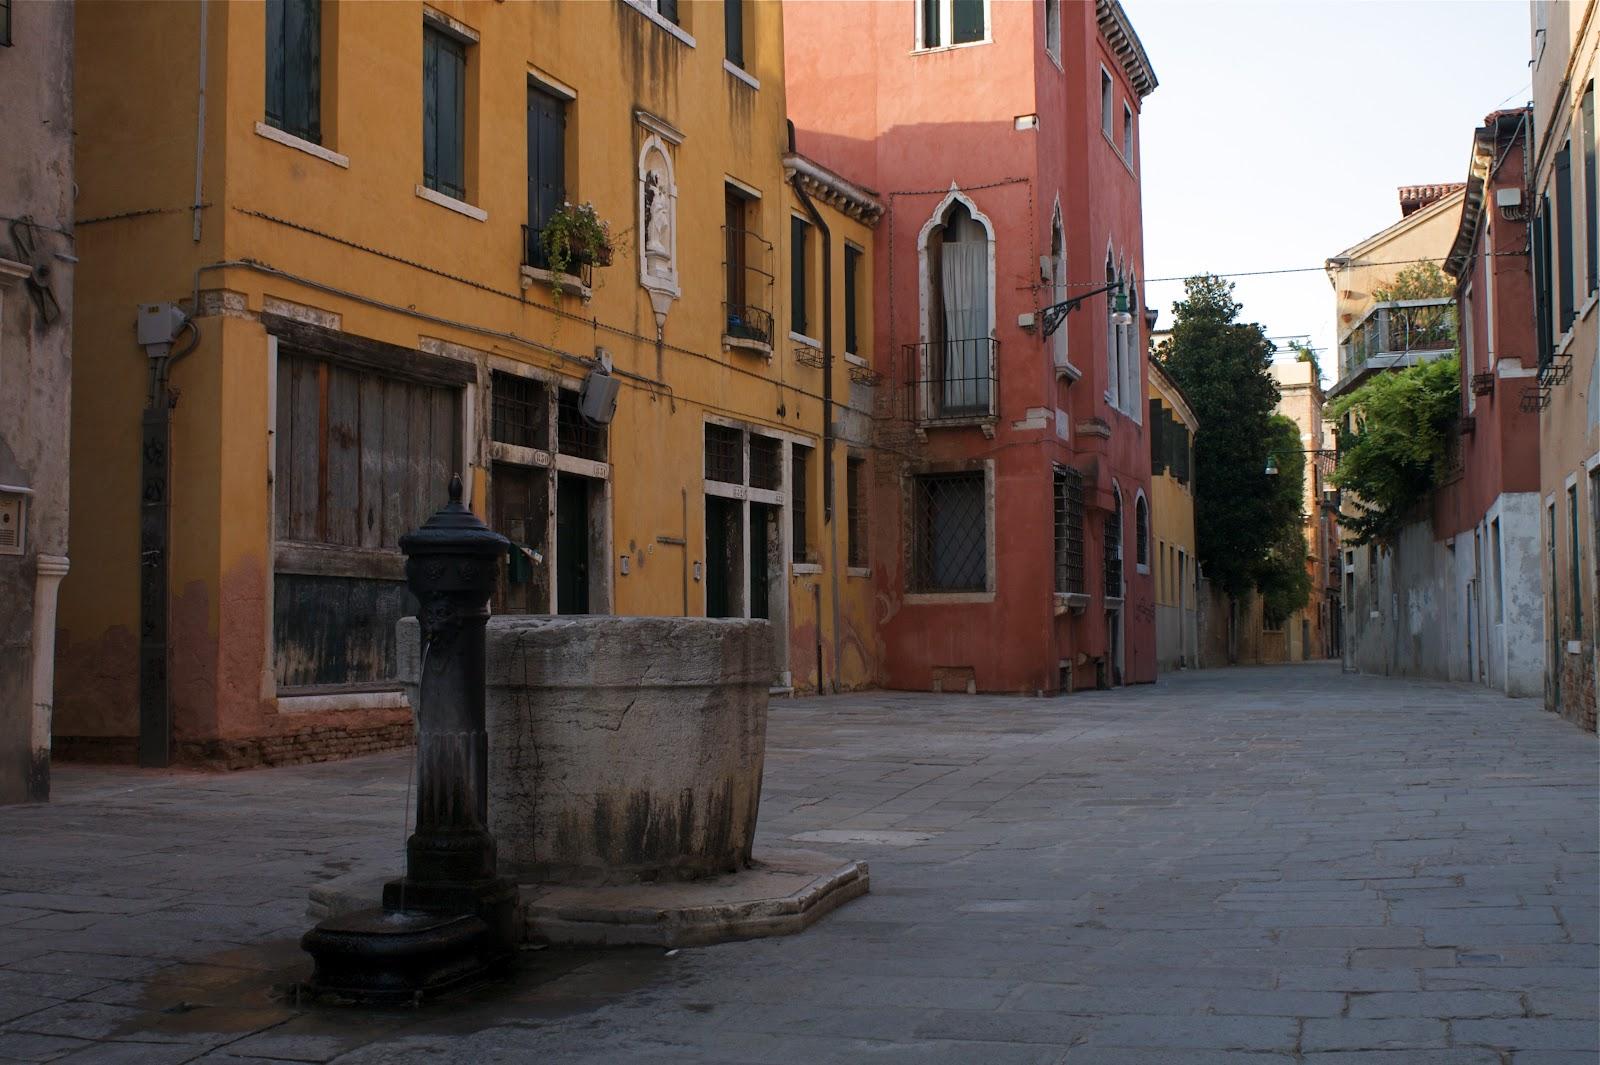 Piscina Sant Alvise Venezia.Venezia Blog Piscina Sant Agnese Dorsoduro